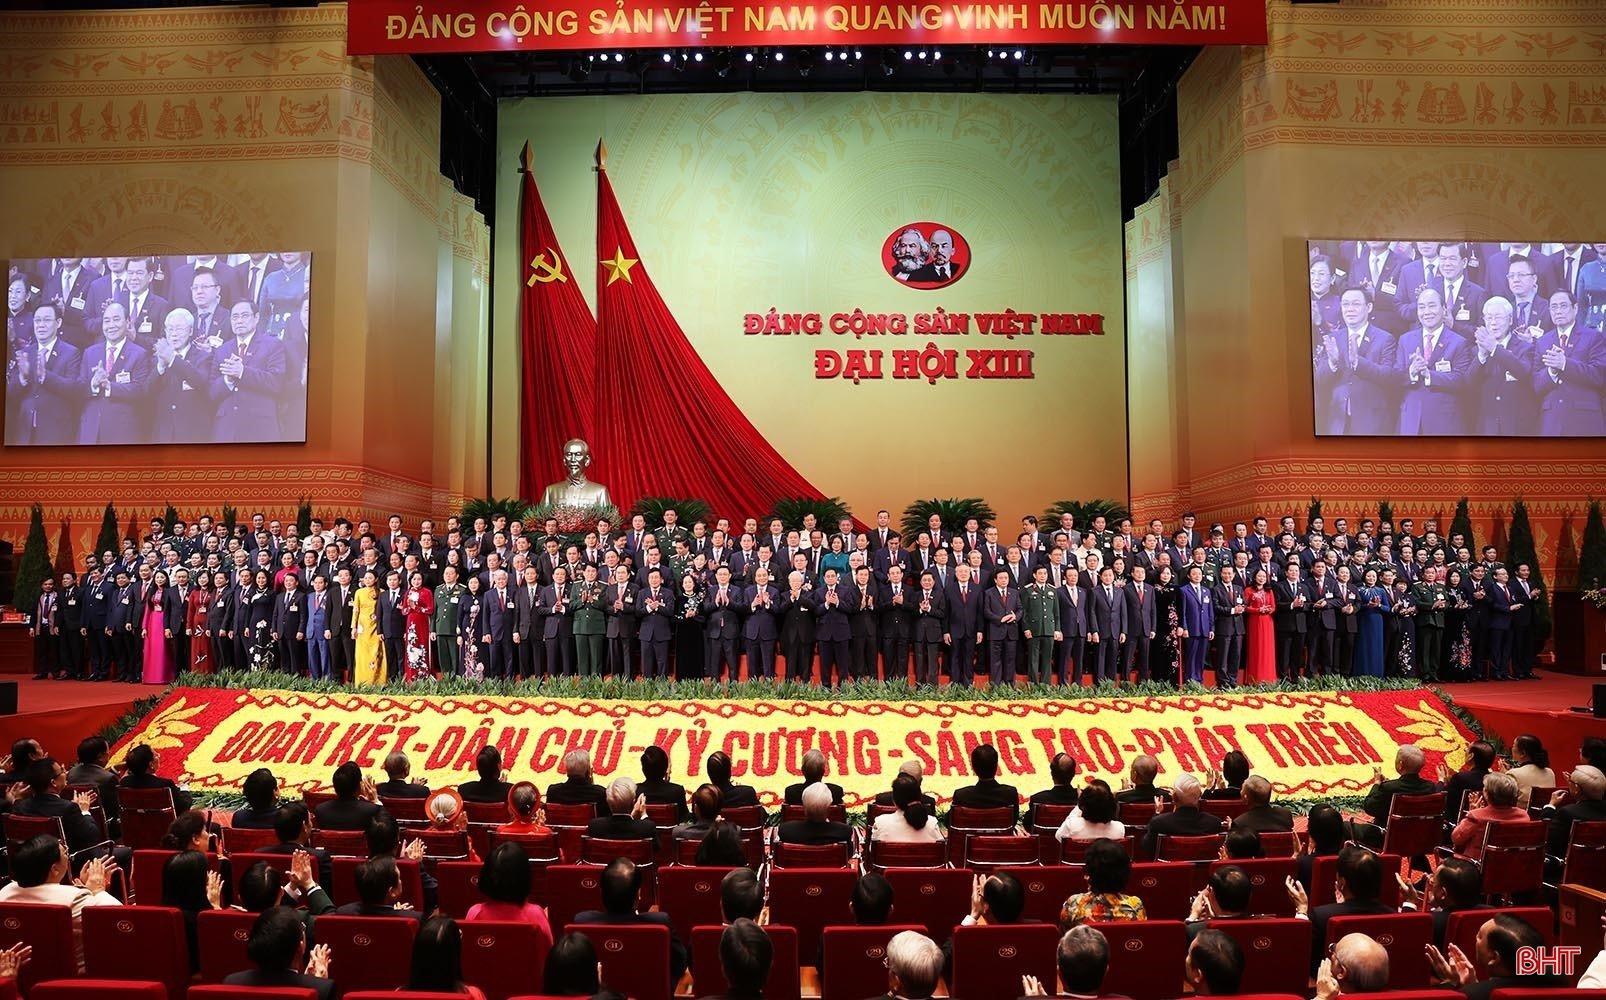 Đại hội toàn quốc lần thứ XIII của Đảng thành công tốt đẹp